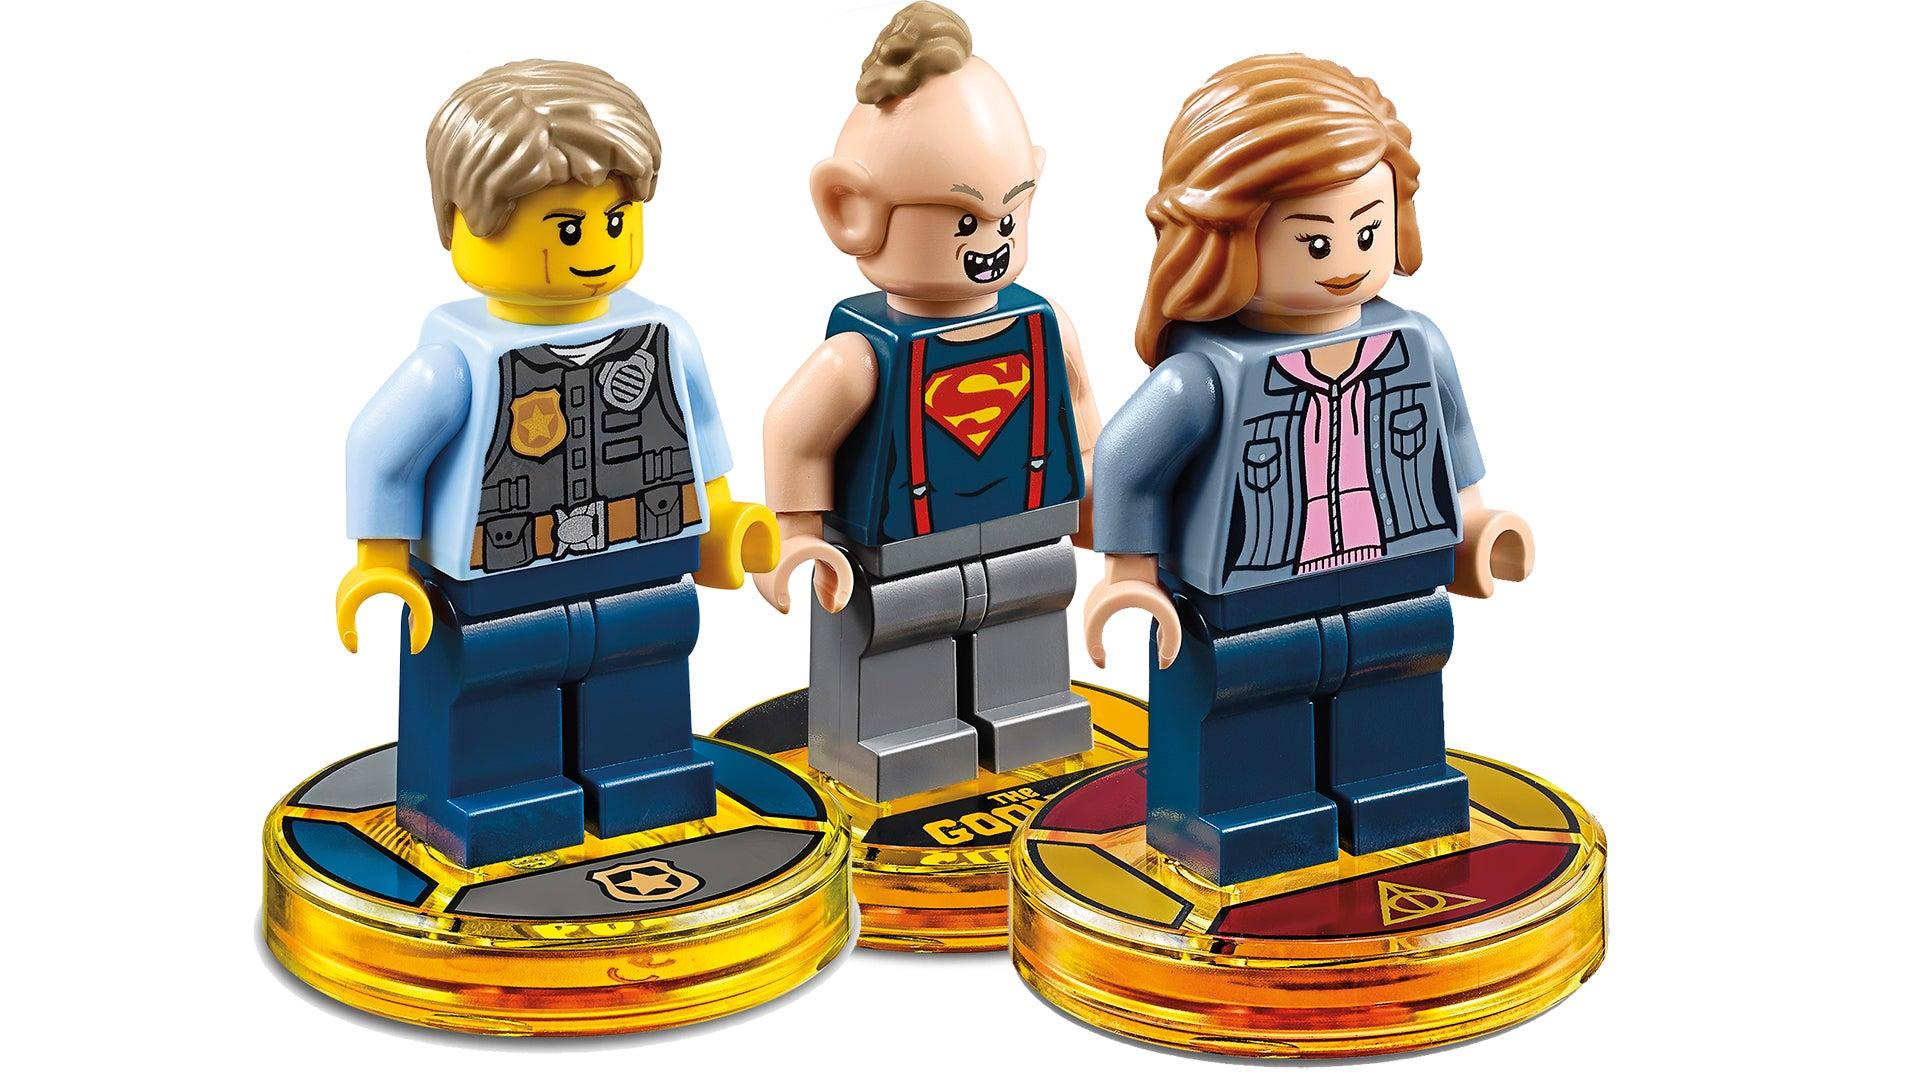 lego dimensions lego batman movie instructions